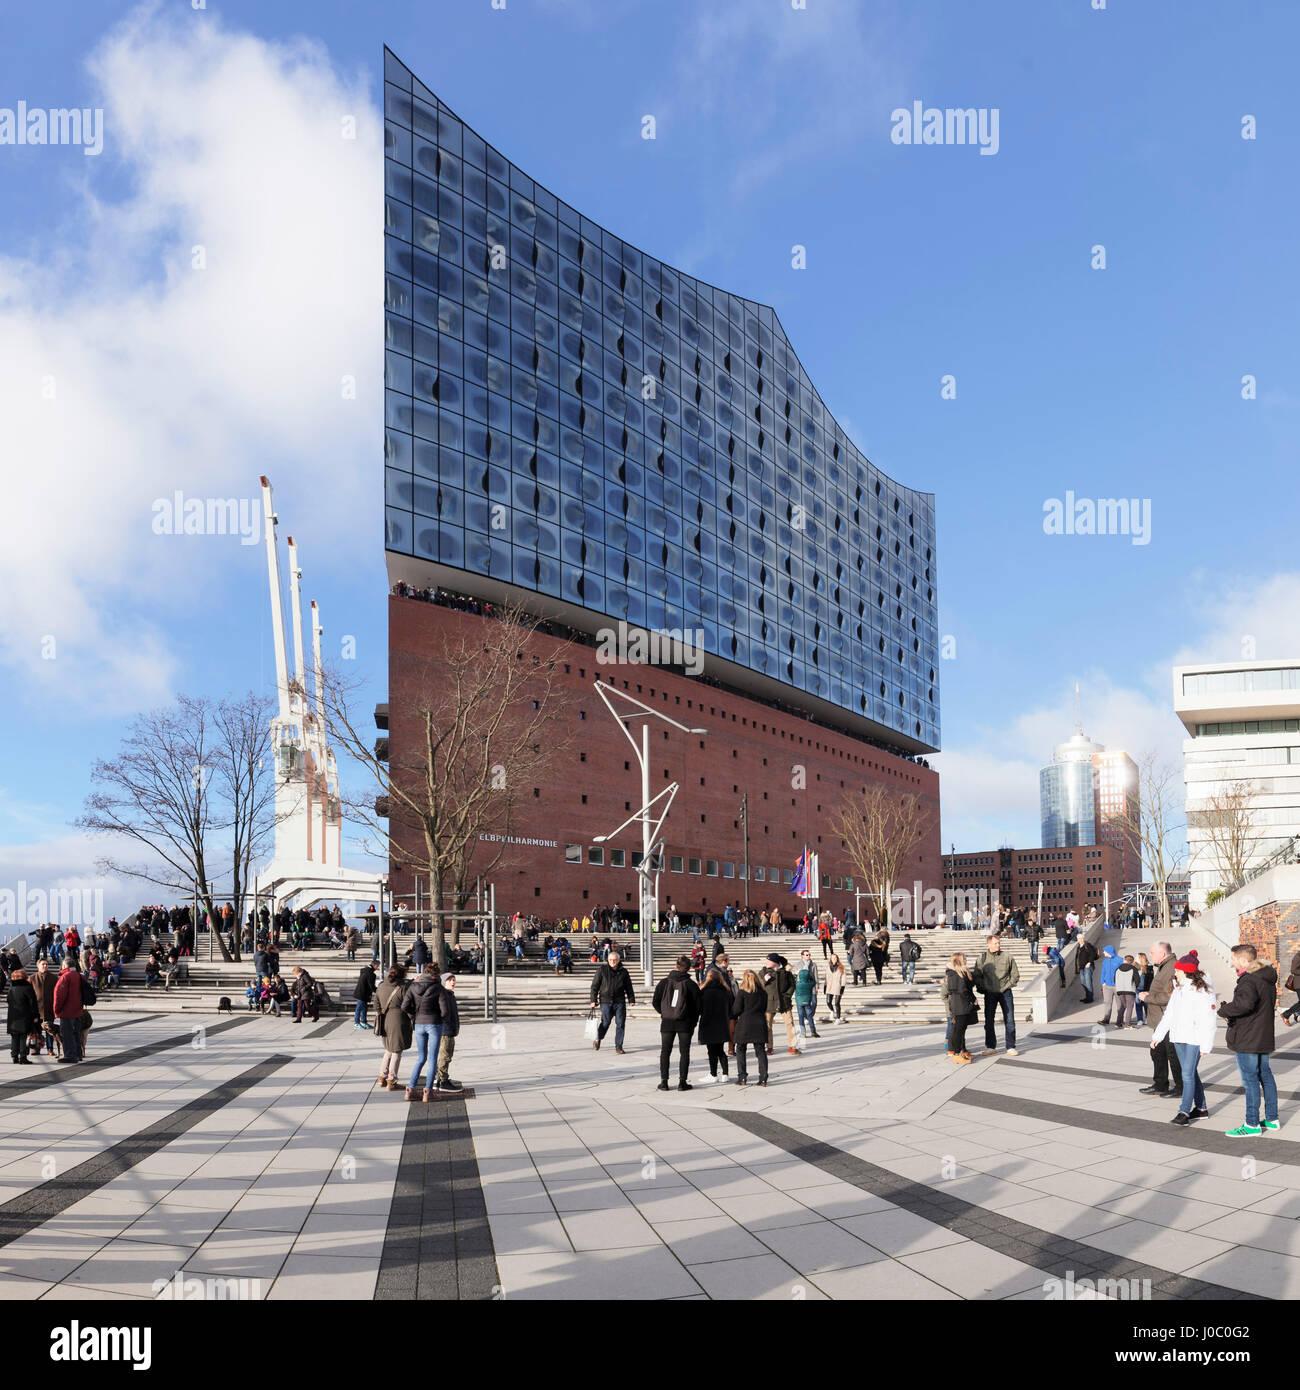 Elbphilharmonie, HafenCity, Hamburg, Hanseatic City, Germany - Stock Image